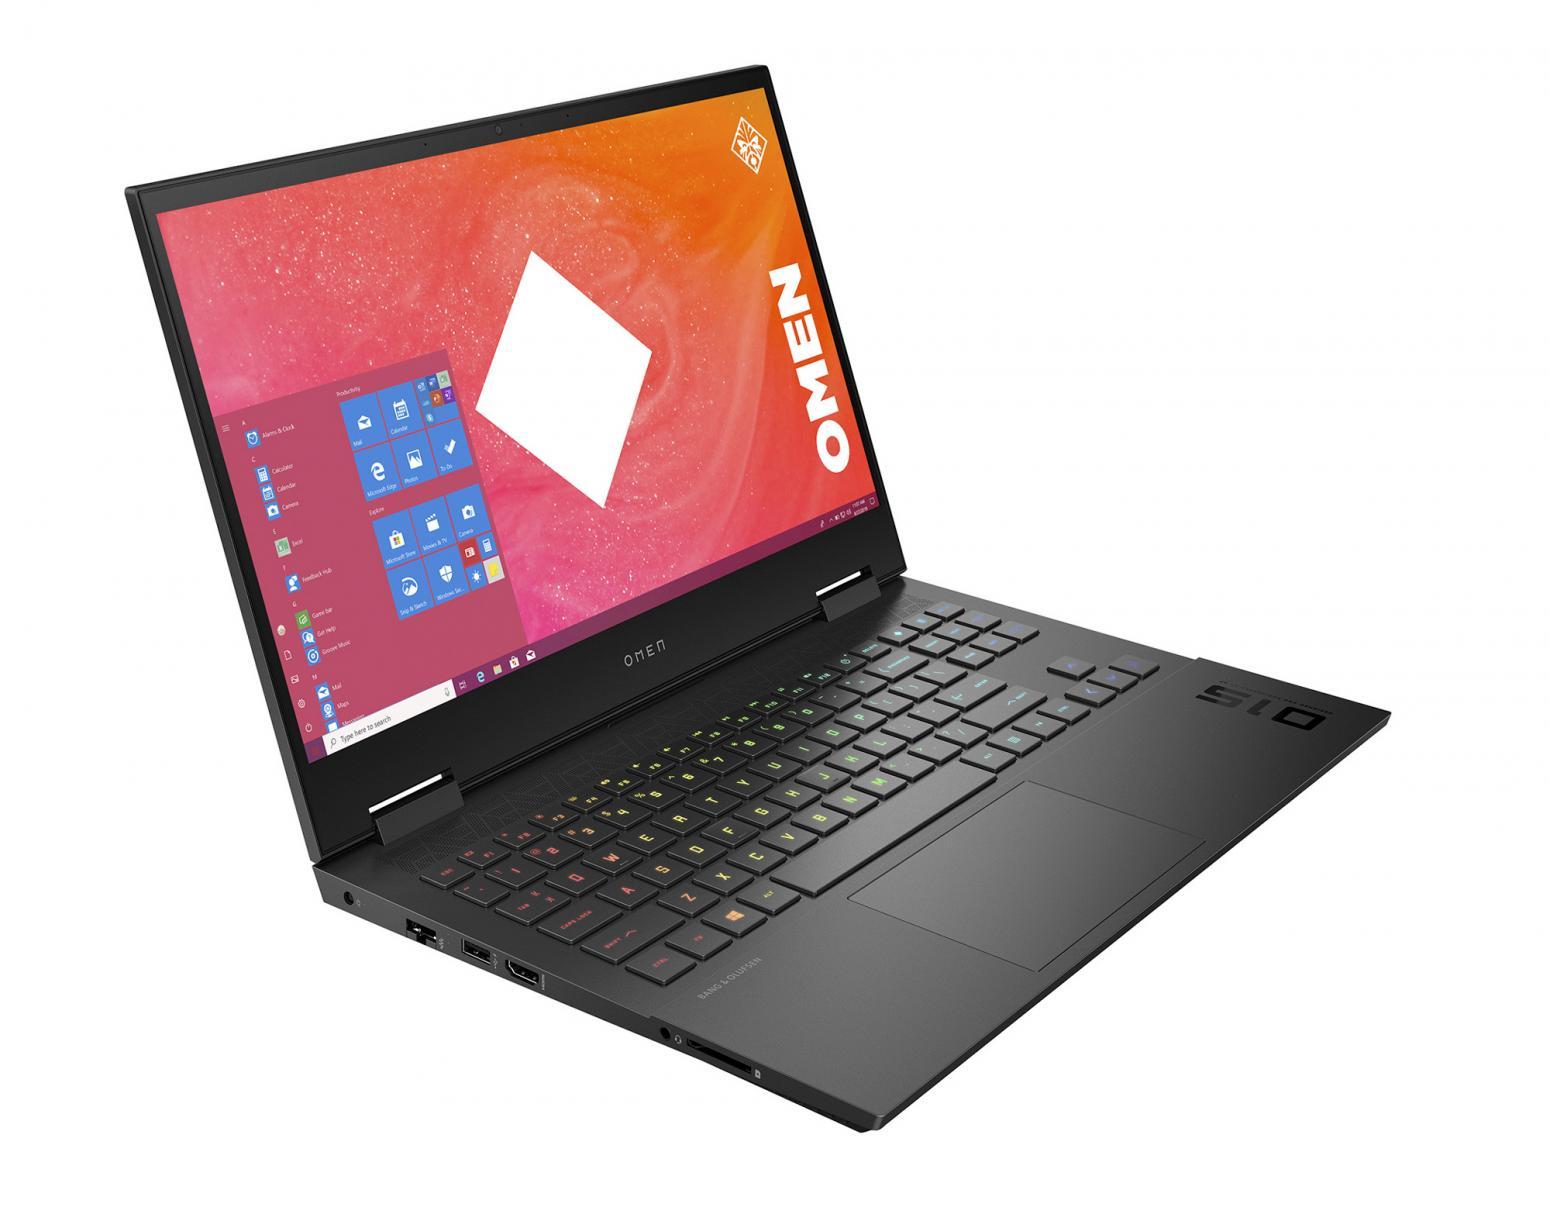 Image du PC portable HP Omen 15-ek0130nf - RTX 2060, 144Hz